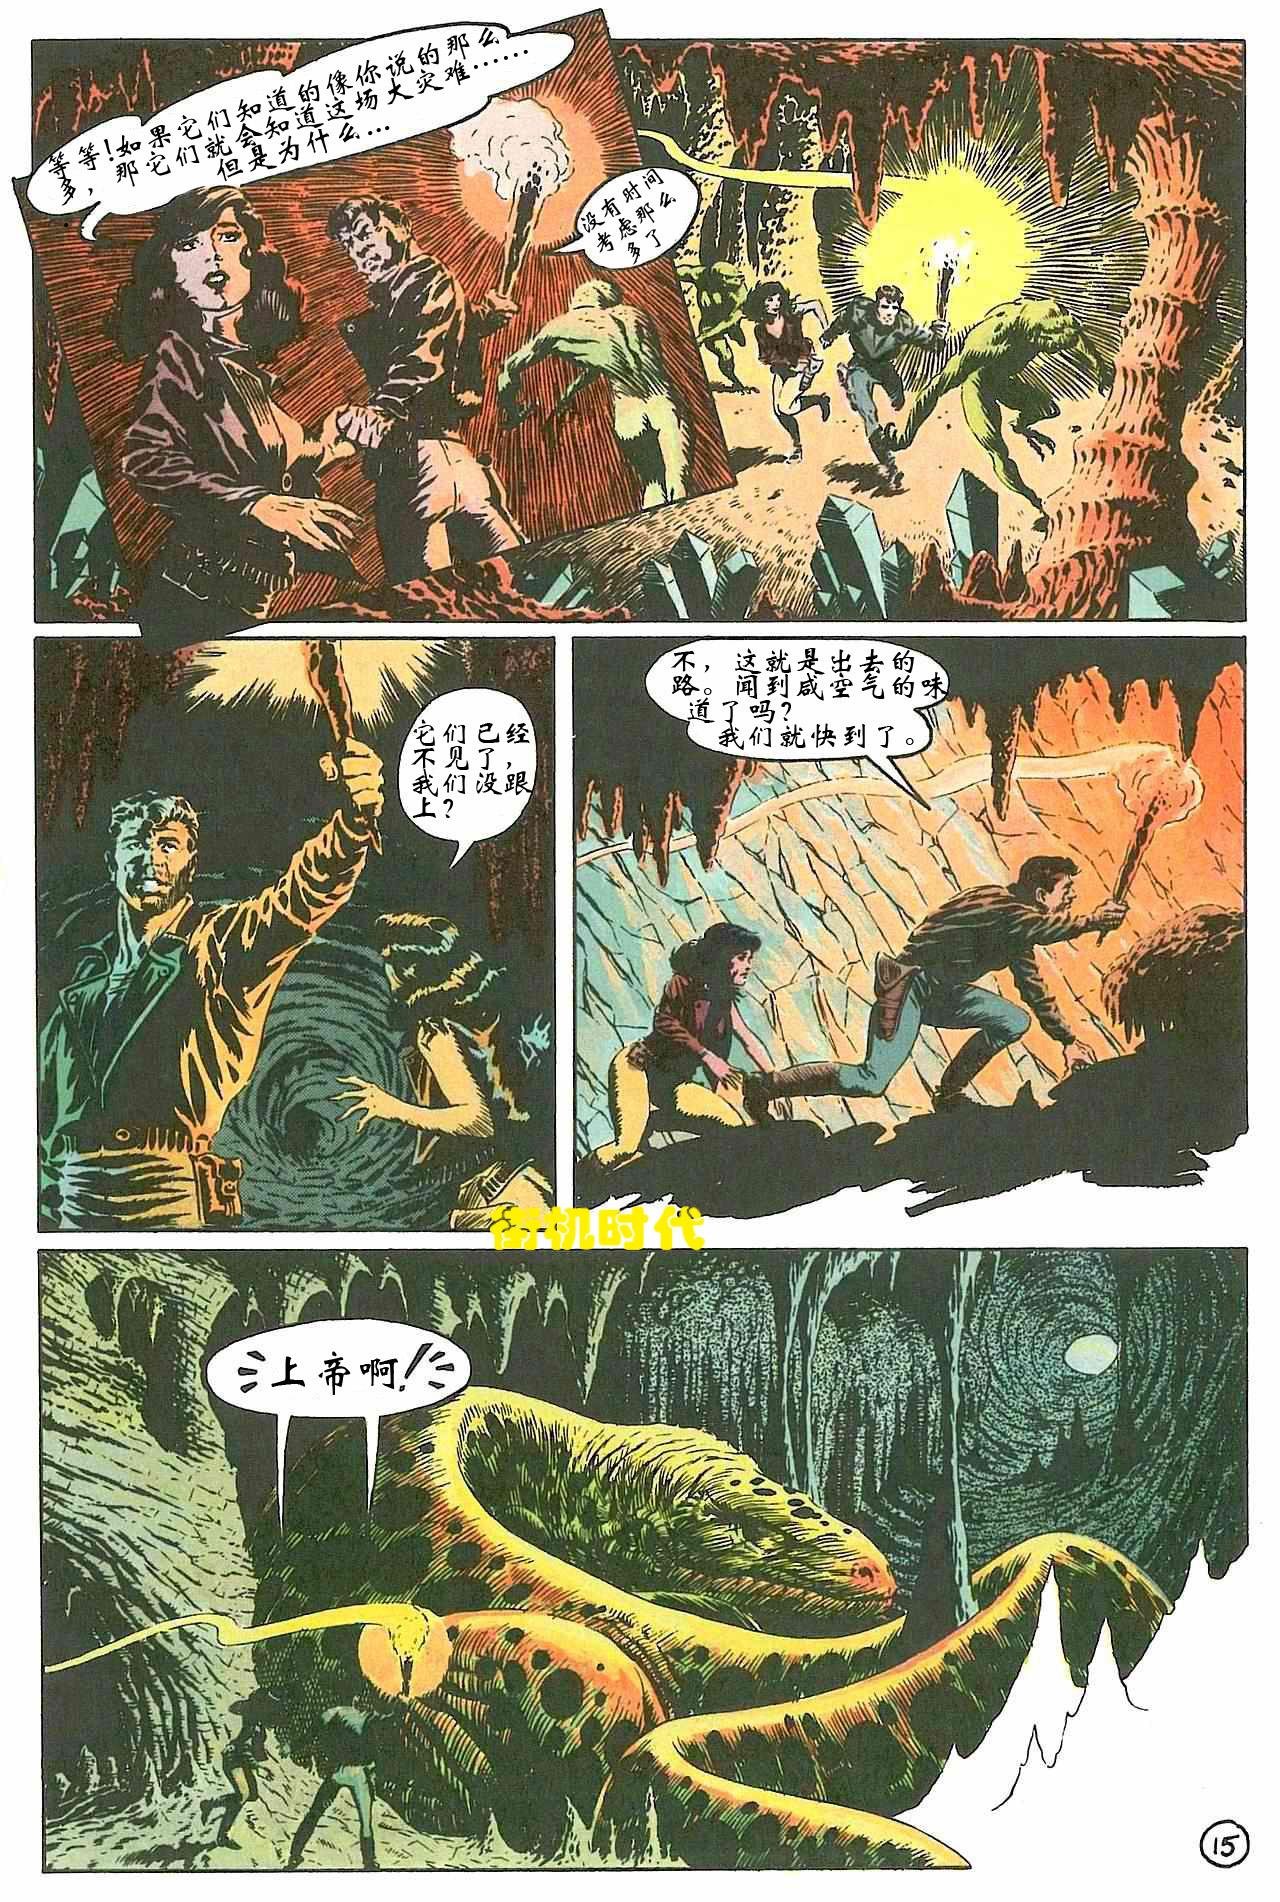 街機《恐龍快打》漫畫劇情:漢娜被蜥蜴人捉住,改寫了人類的命運